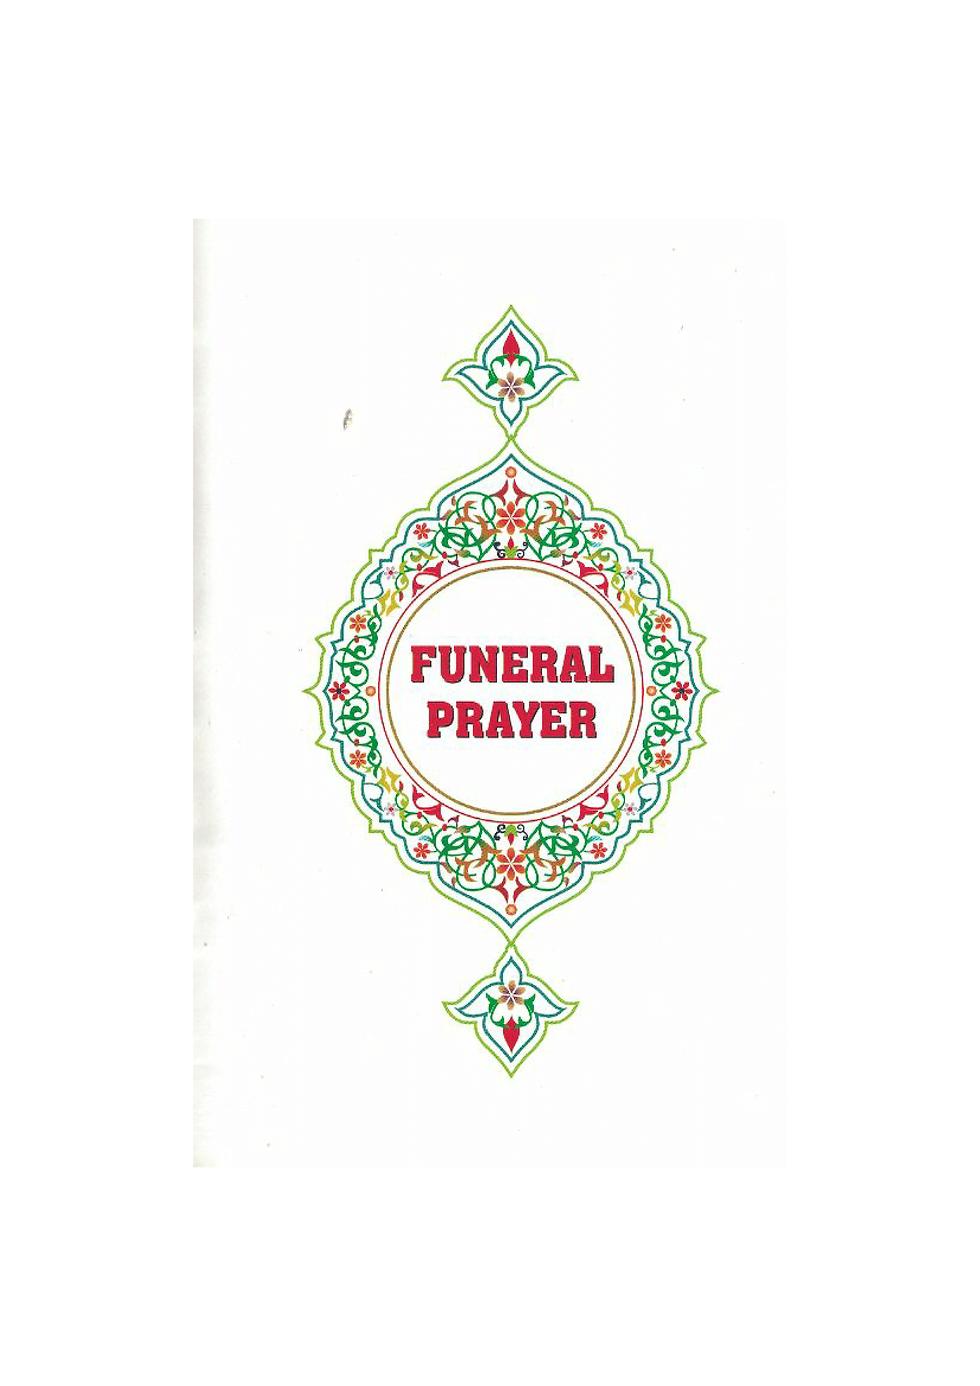 Funeral prayer-1.png